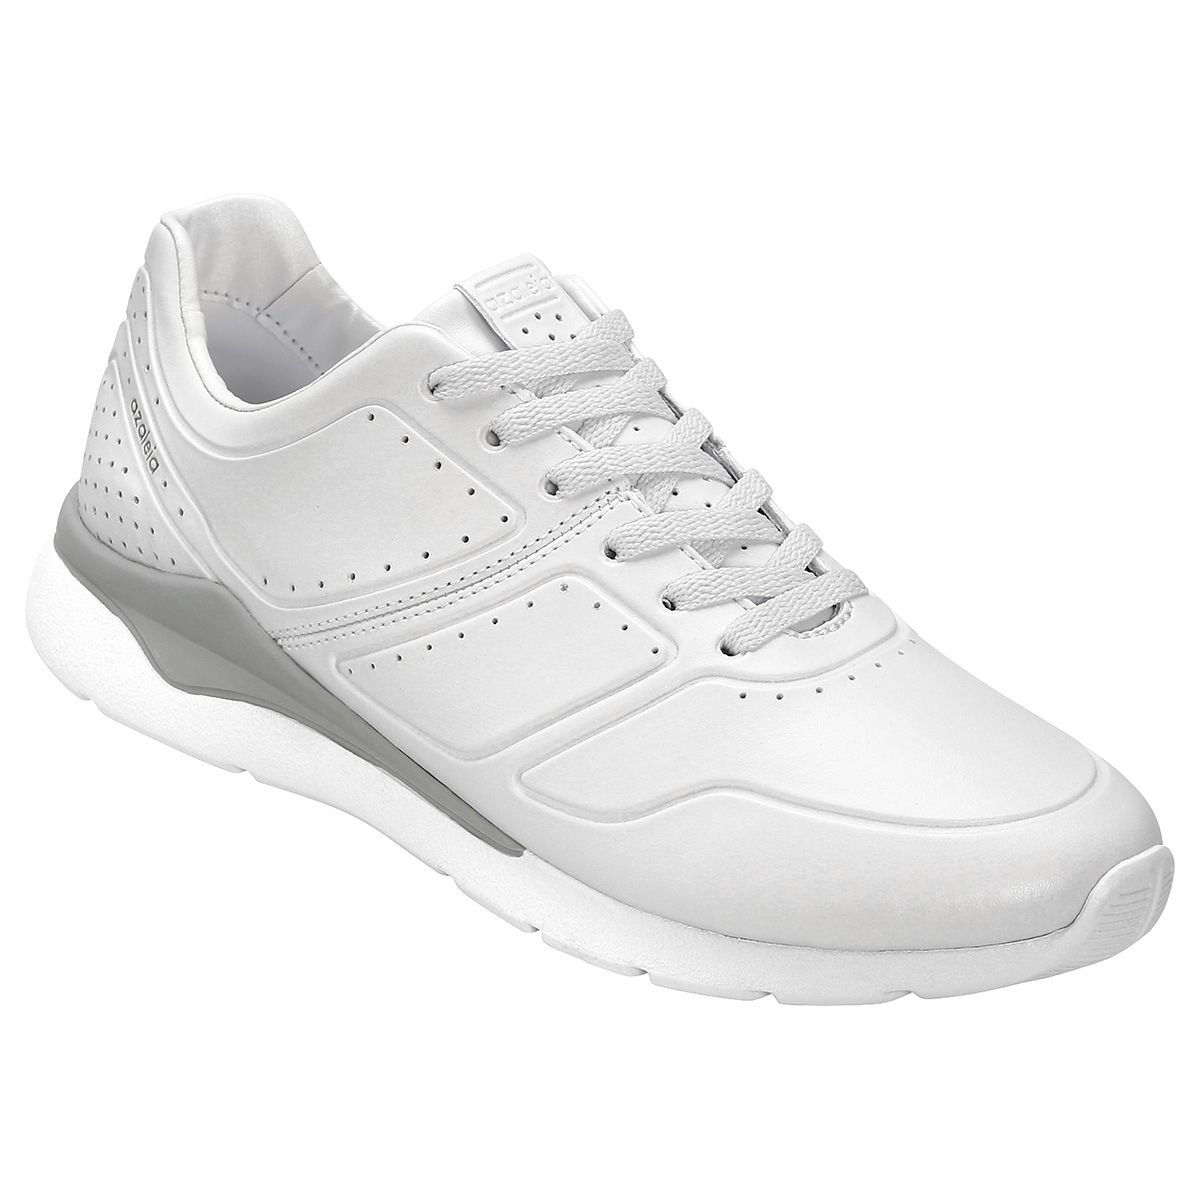 9a214f8a9 tenis azaleia alta frequencia feminino branco - original. Carregando zoom.